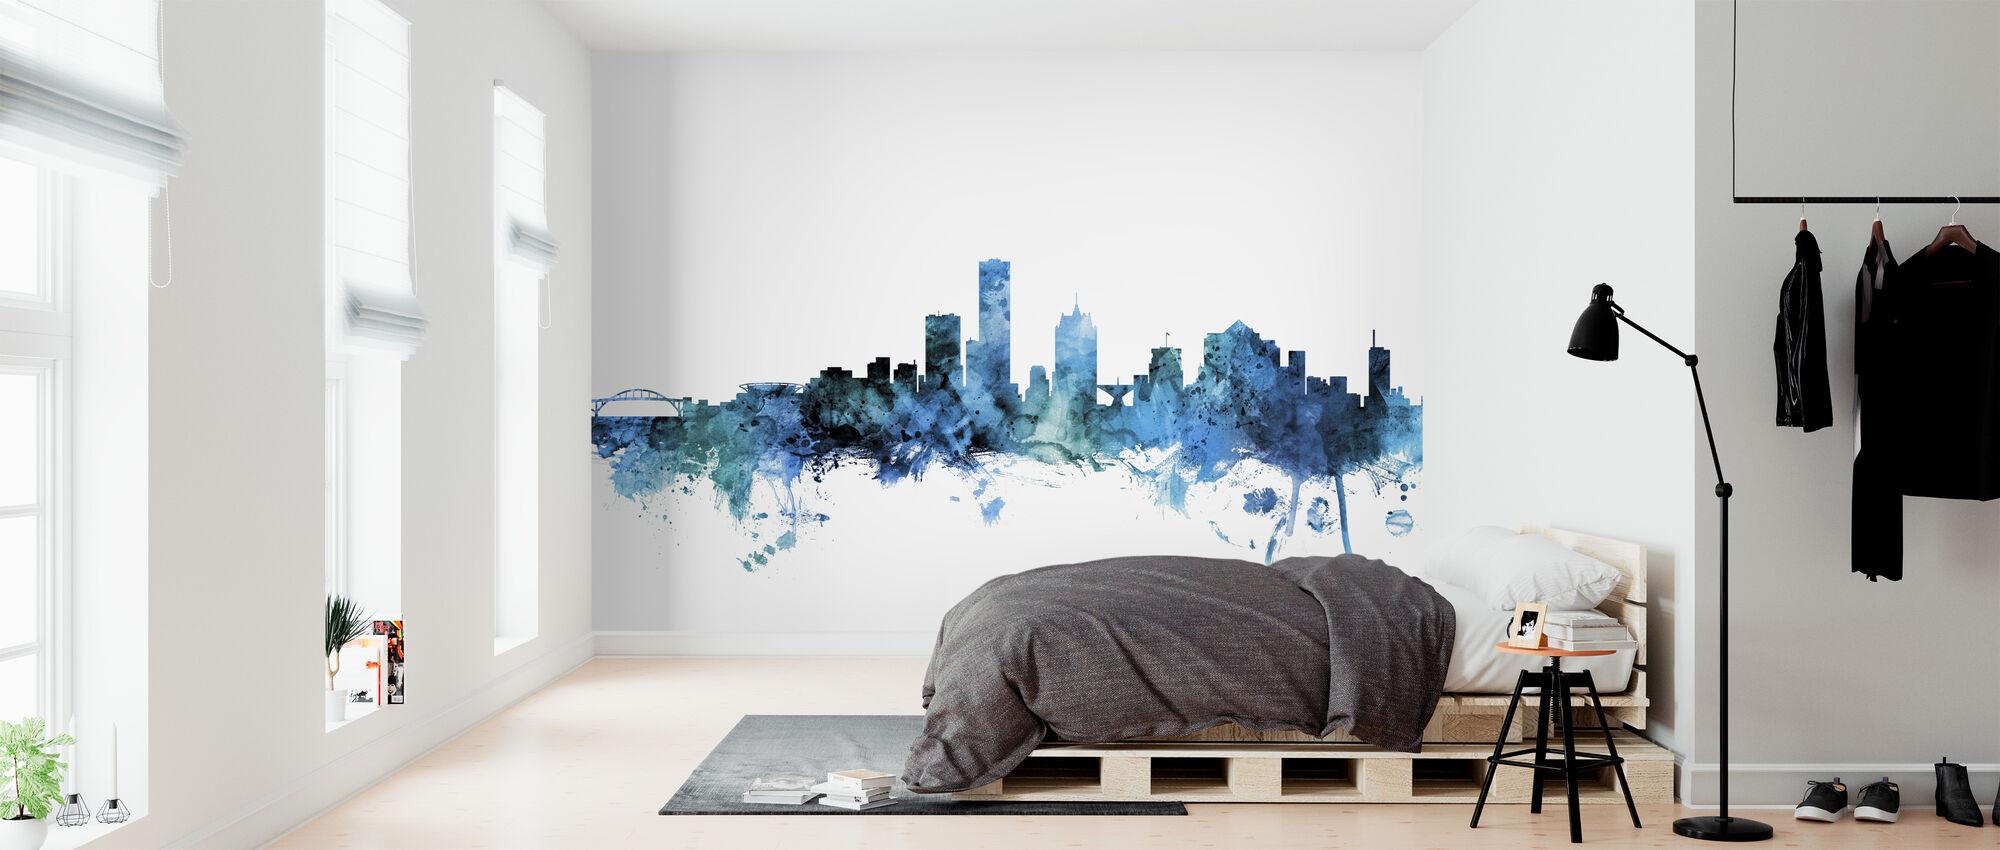 Milwaukee Wisconsin Skyline - Wallpaper - Bedroom